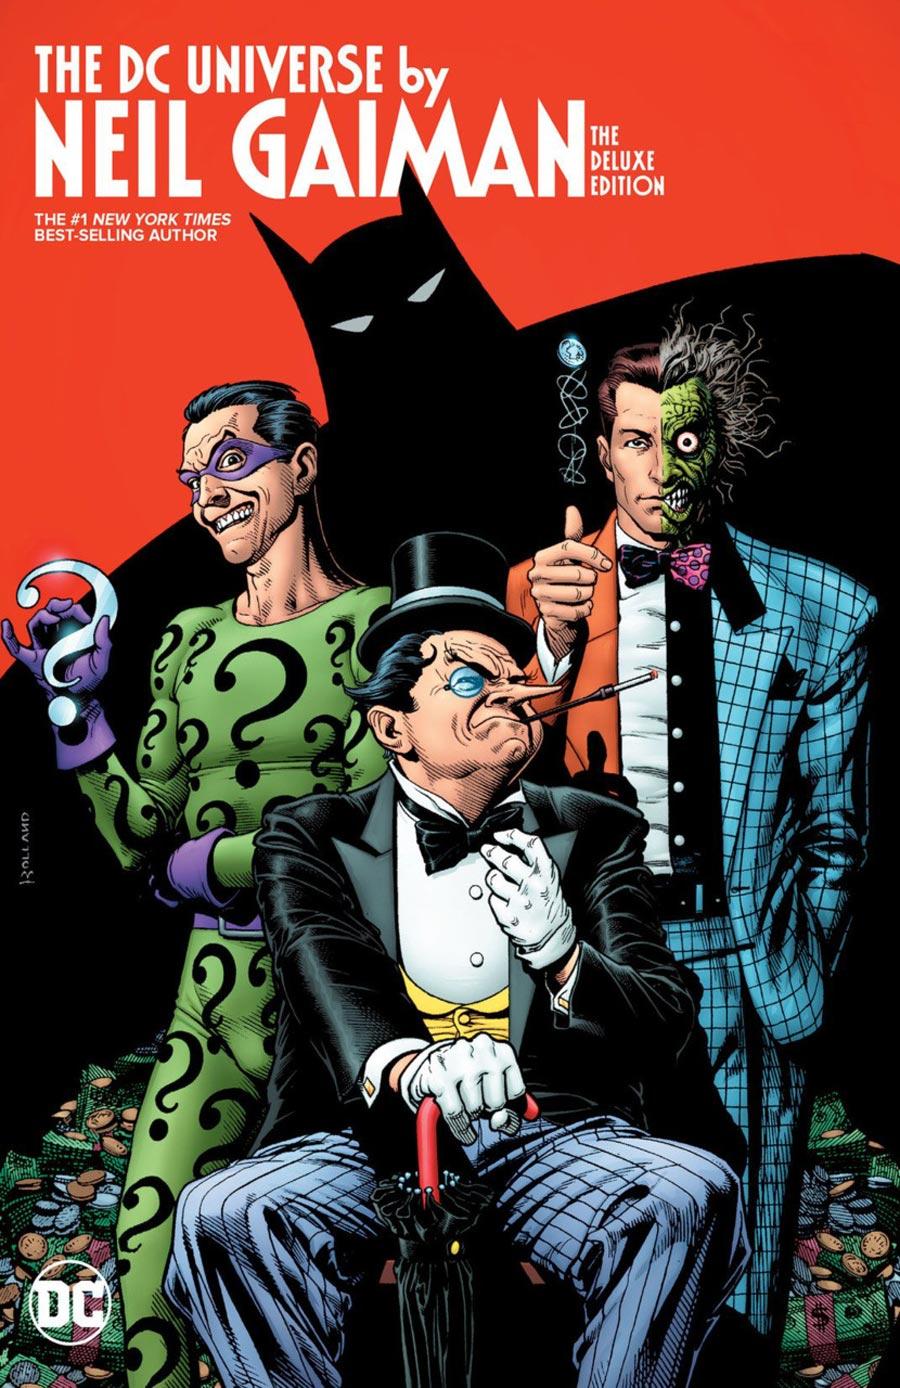 DC Universe By Neil Gaiman 1 - DC Universe By Neil Gaiman